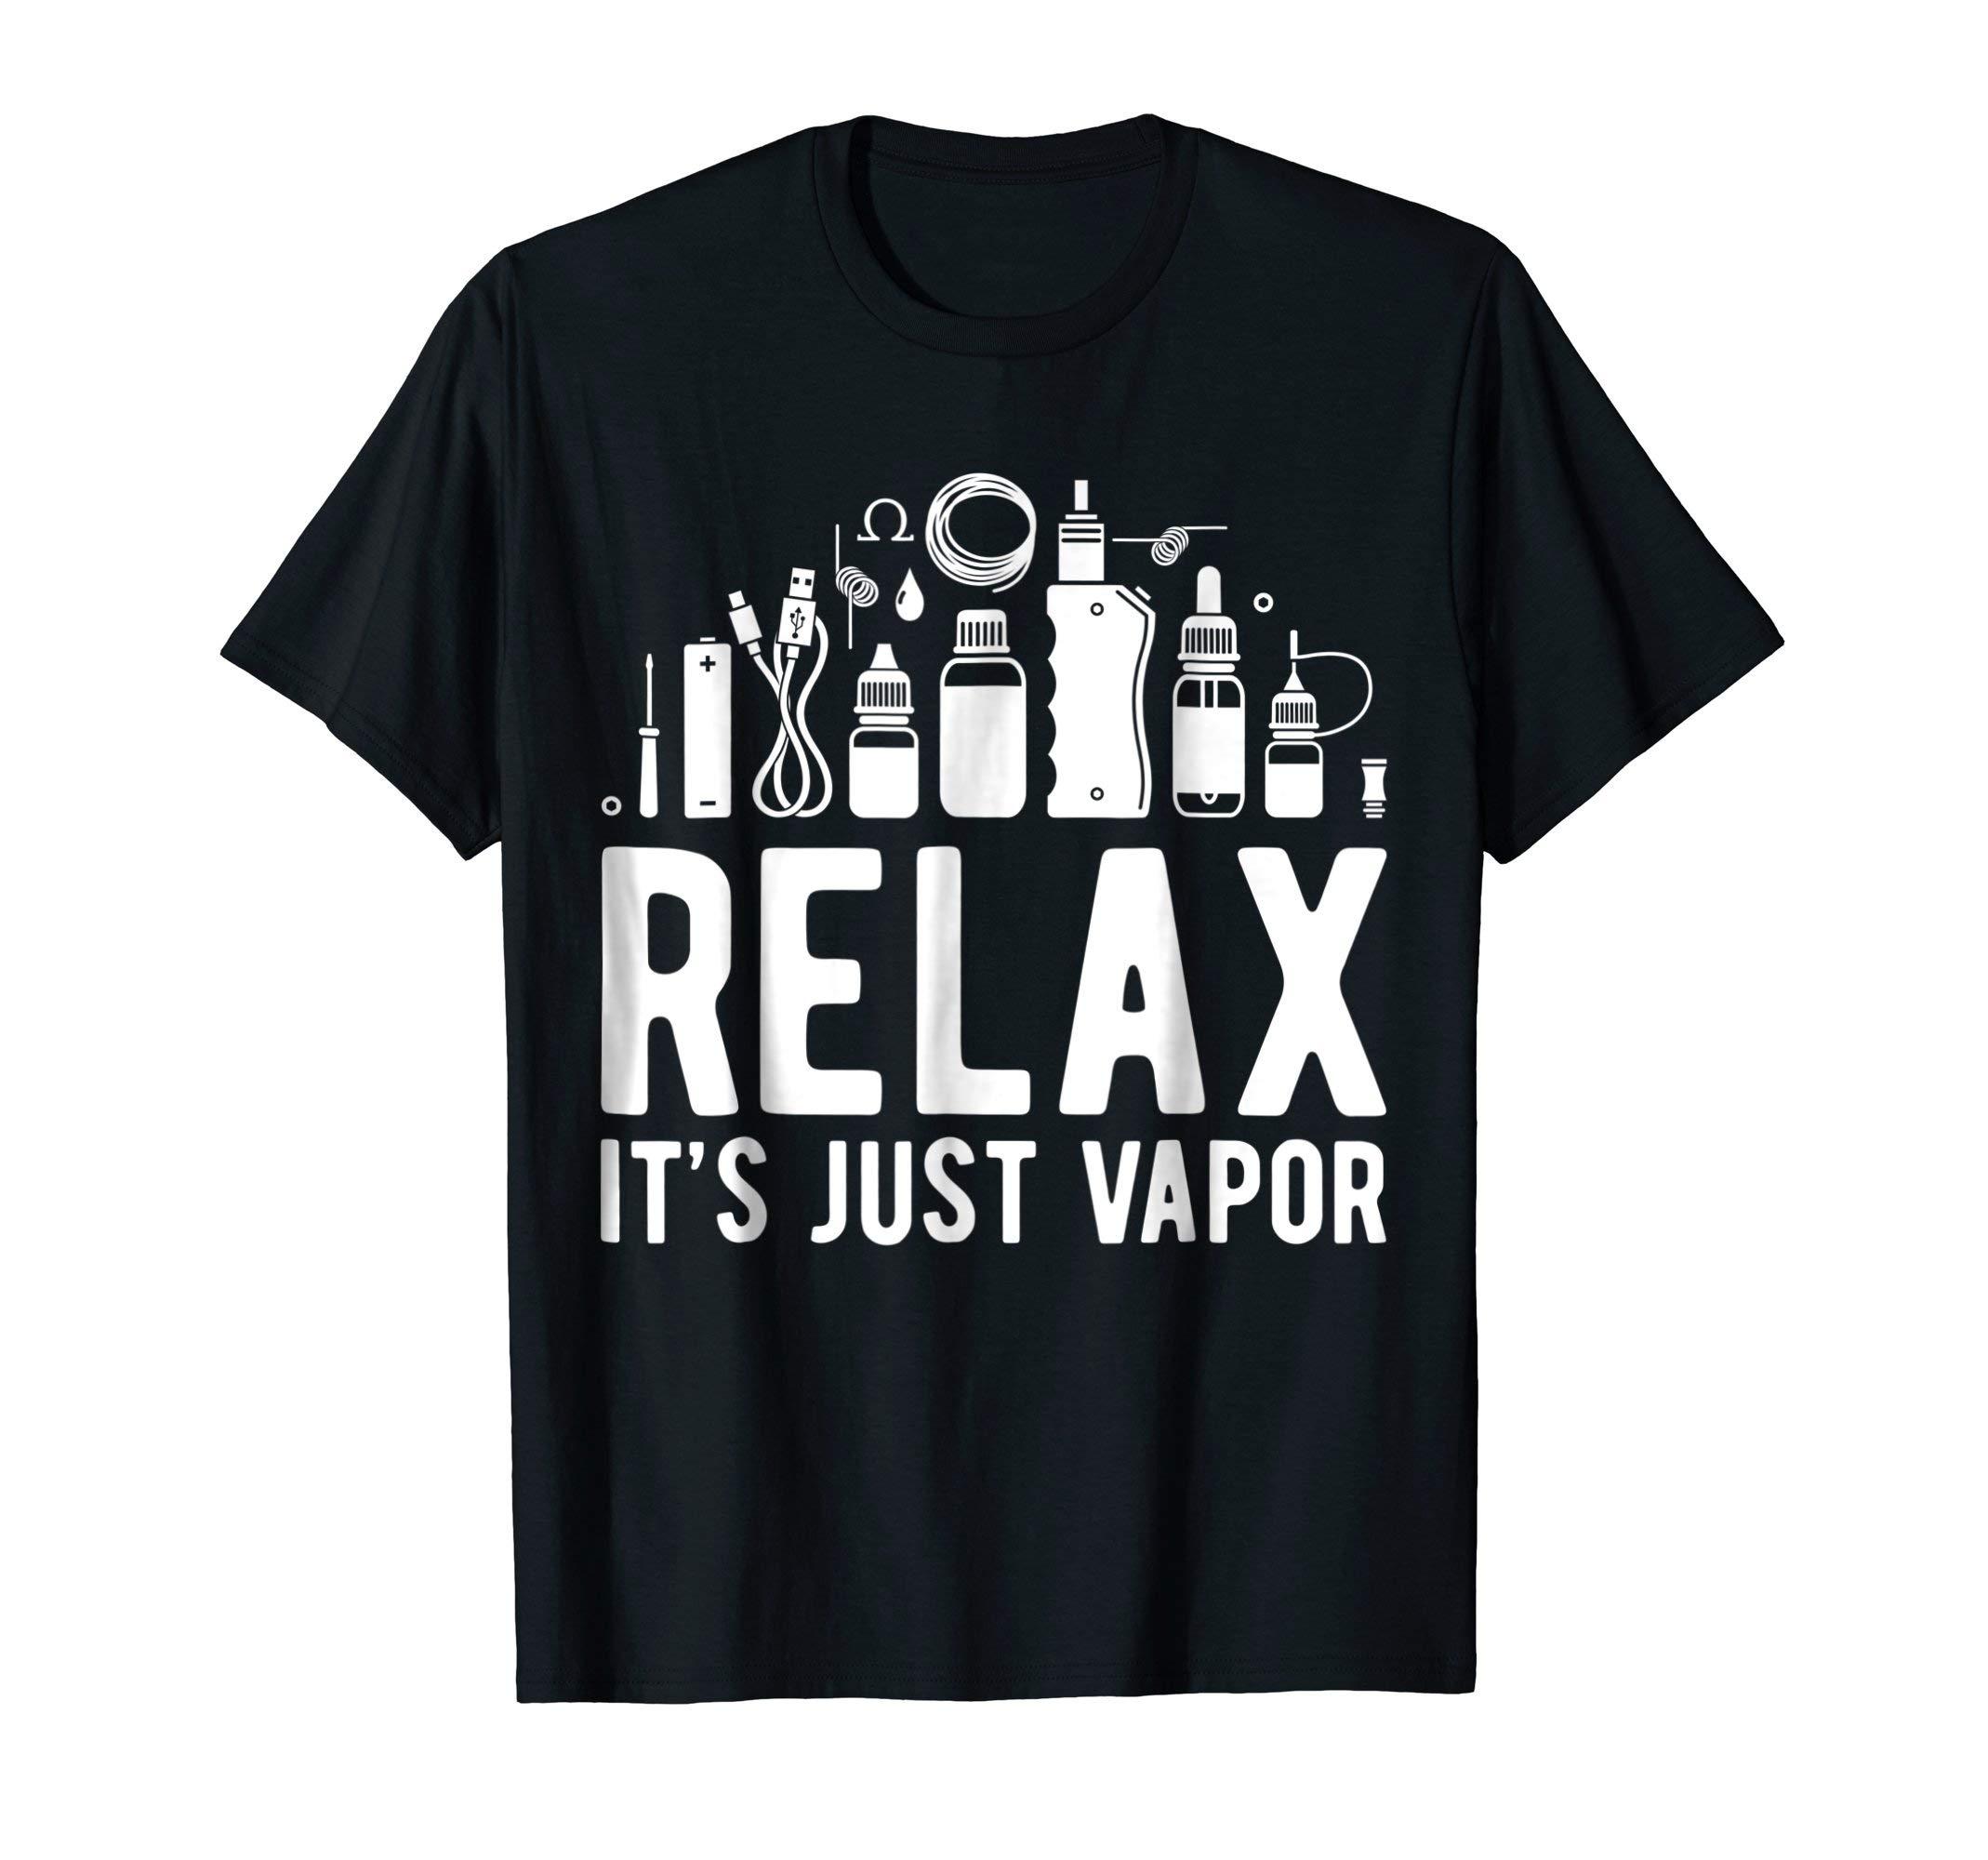 Relax it' just Vapor - Vape T Shirt by Vepe Tee